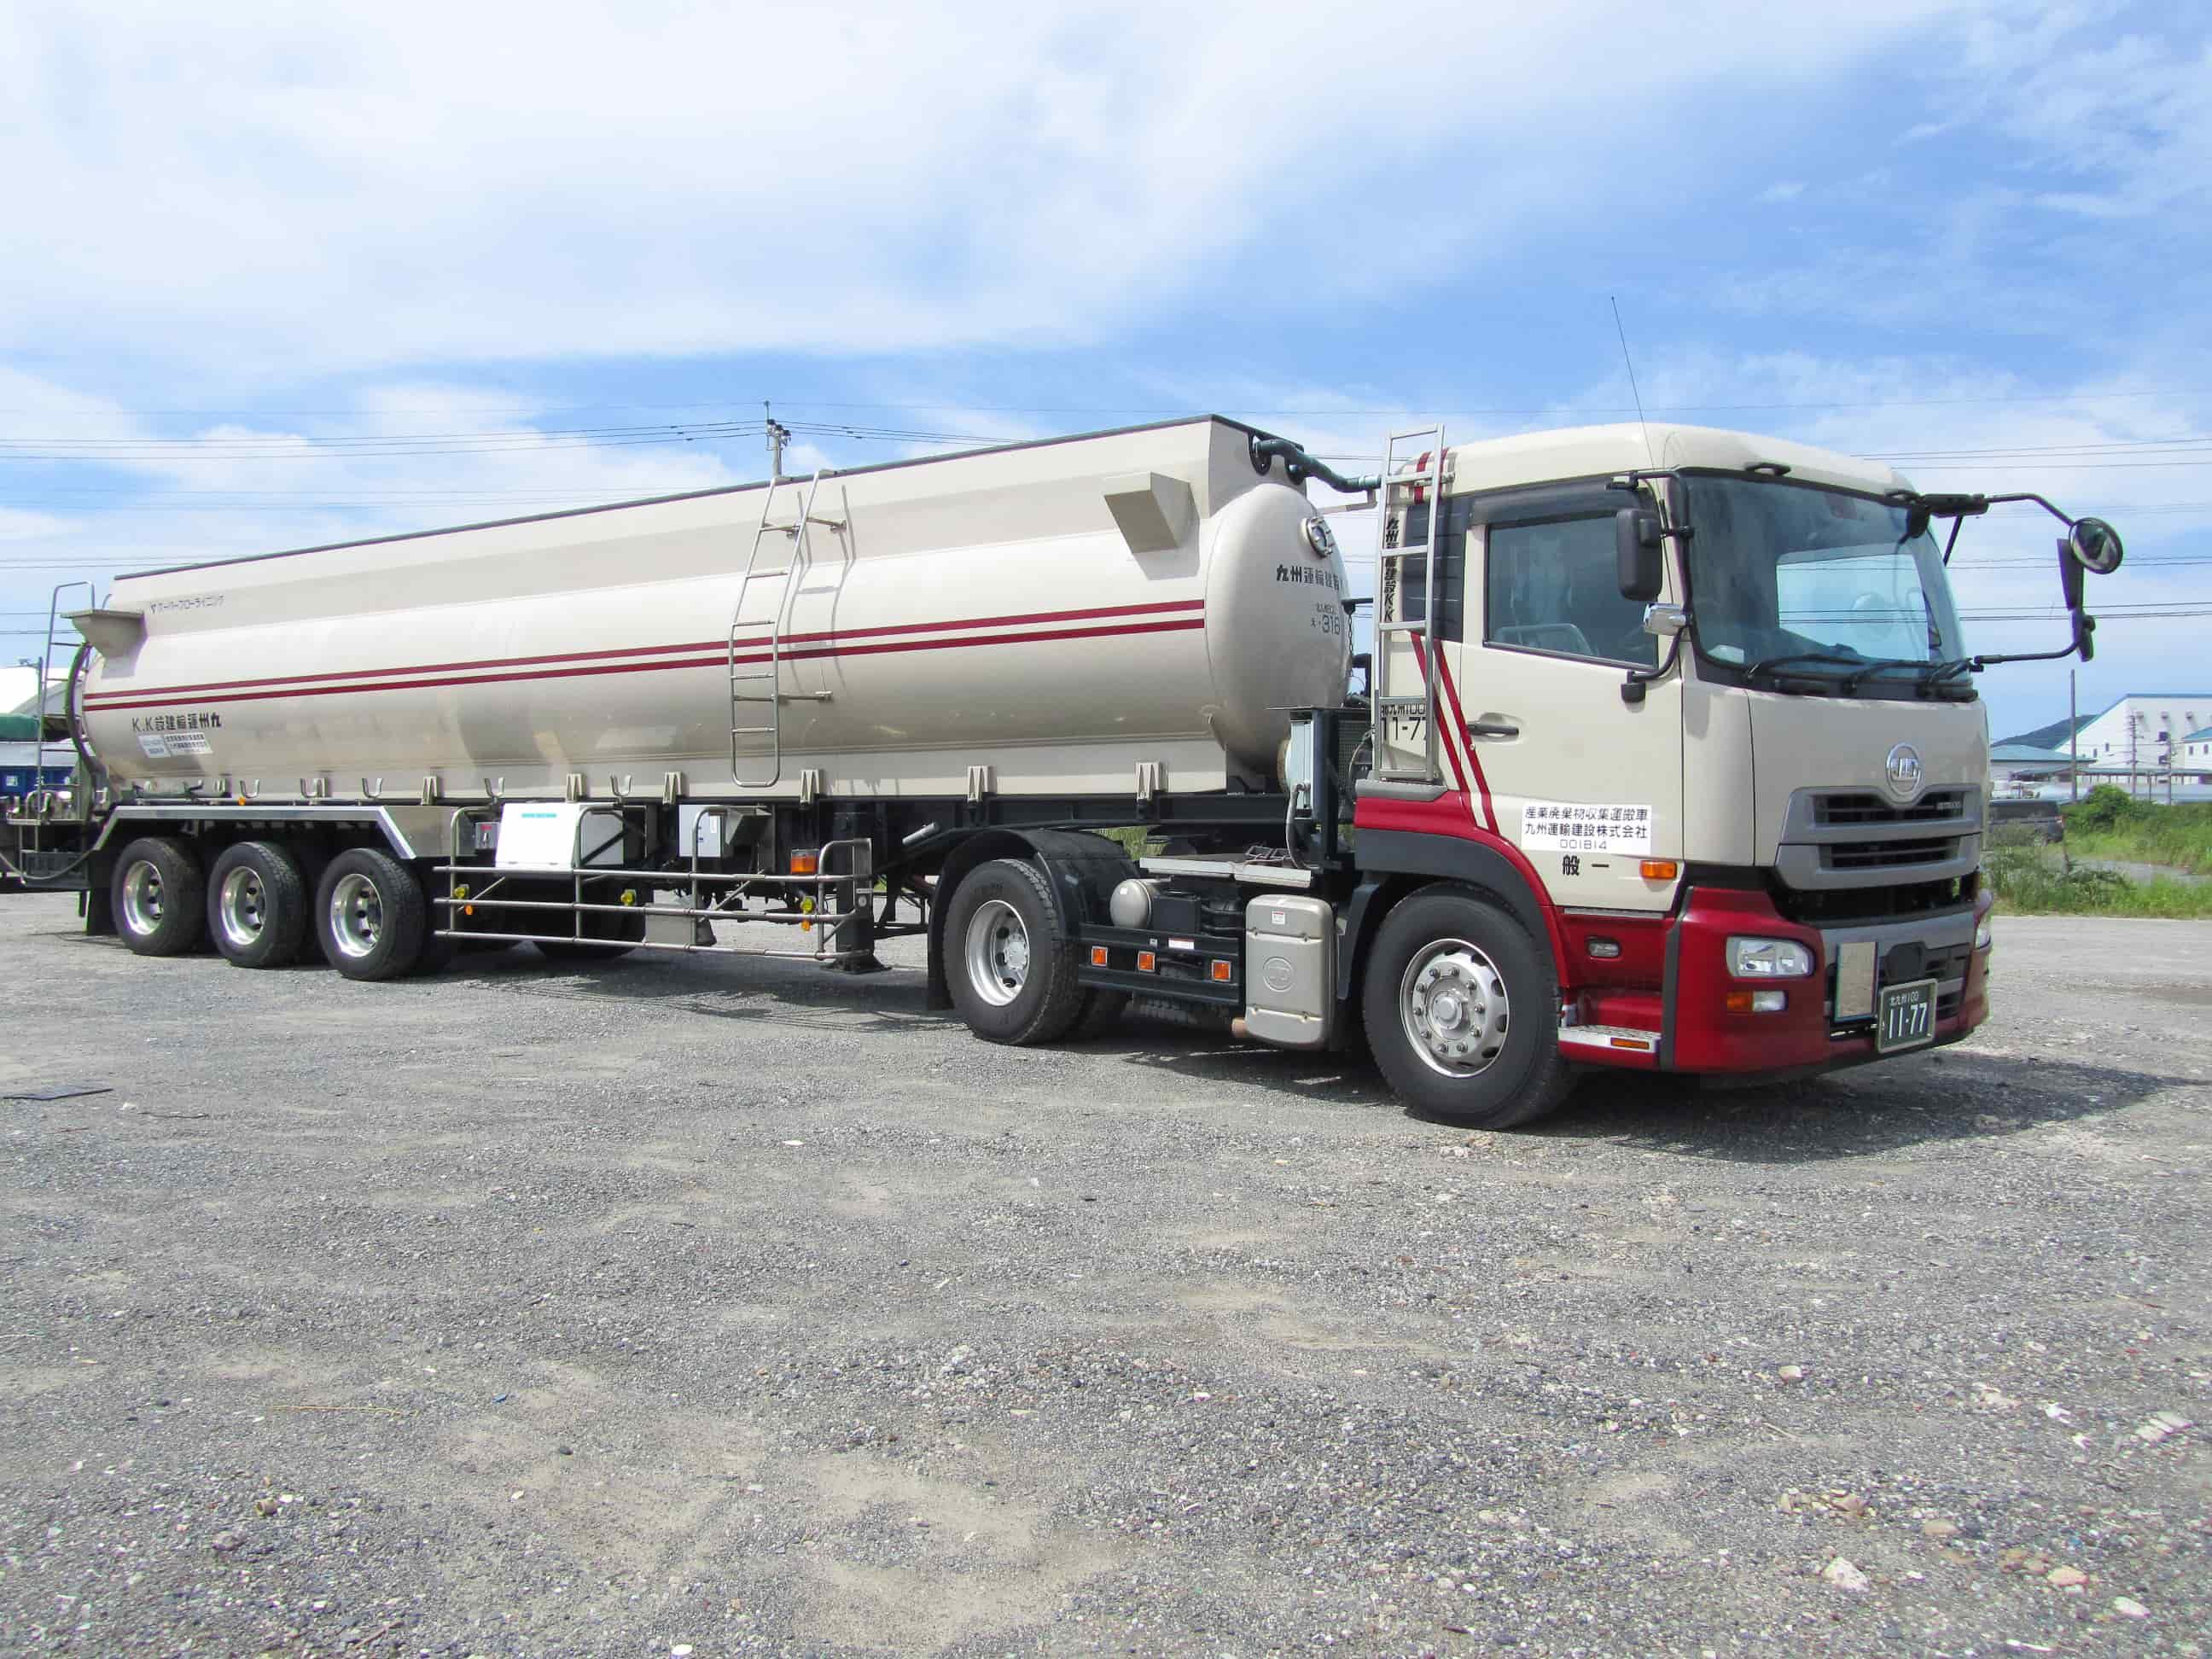 一般貨物運送事業で輸送ニーズに応えるために豊富な車種をとりそろえ。テント倉庫の管理やフォークリフトまでも|九州運輸建設株式会社|北九州市